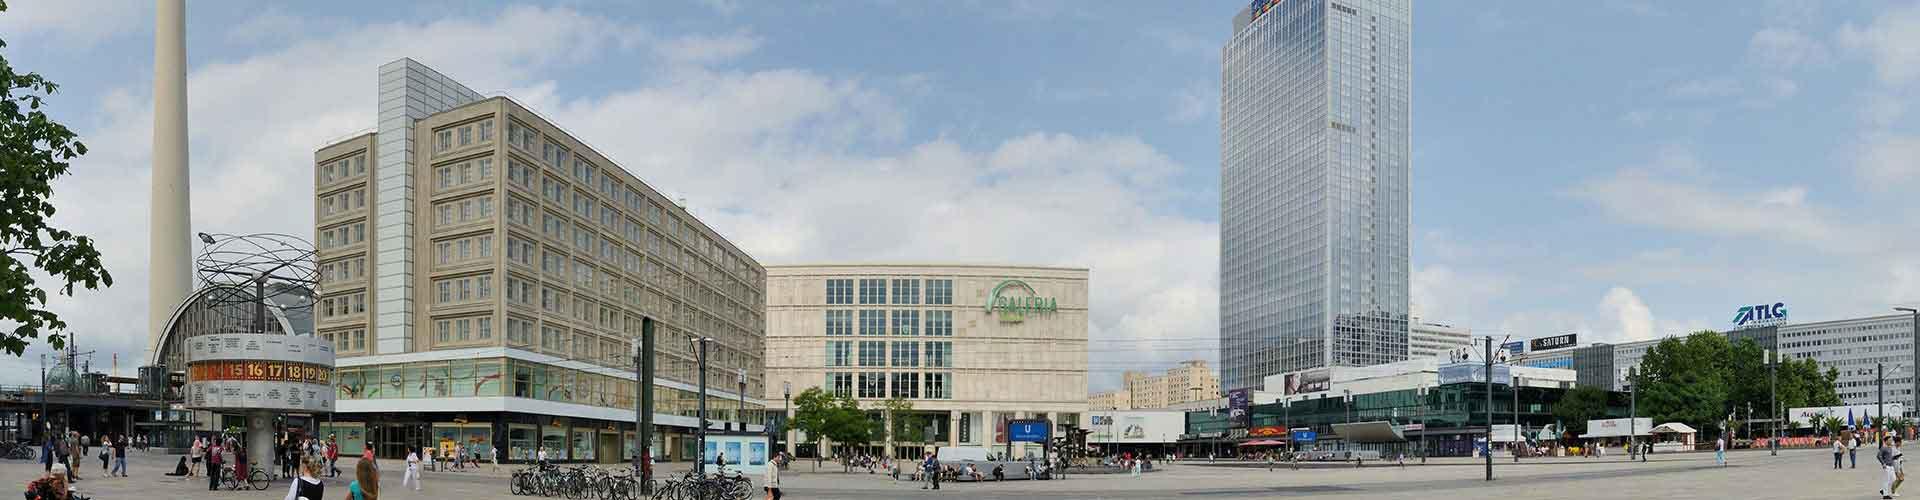 Berlin – Hostels in der Nähe von Alexanderplatz. Berlin auf der Karte. Fotos und Bewertungen für jedes Hostel in Berlin.